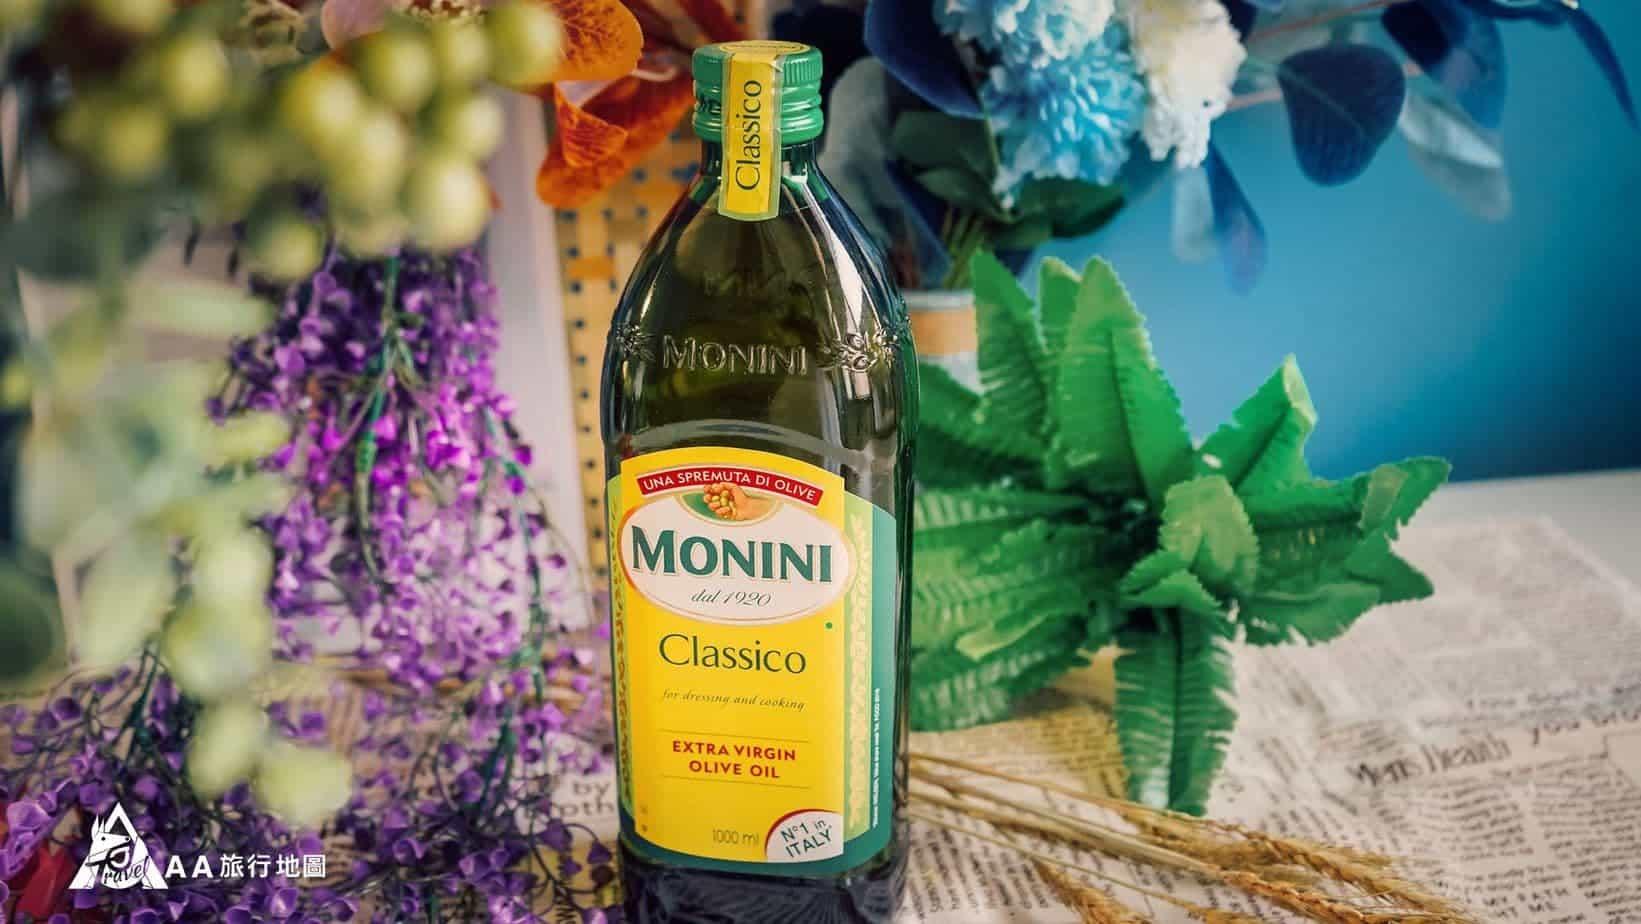 monini 綠色包裝,愛自己也愛地球